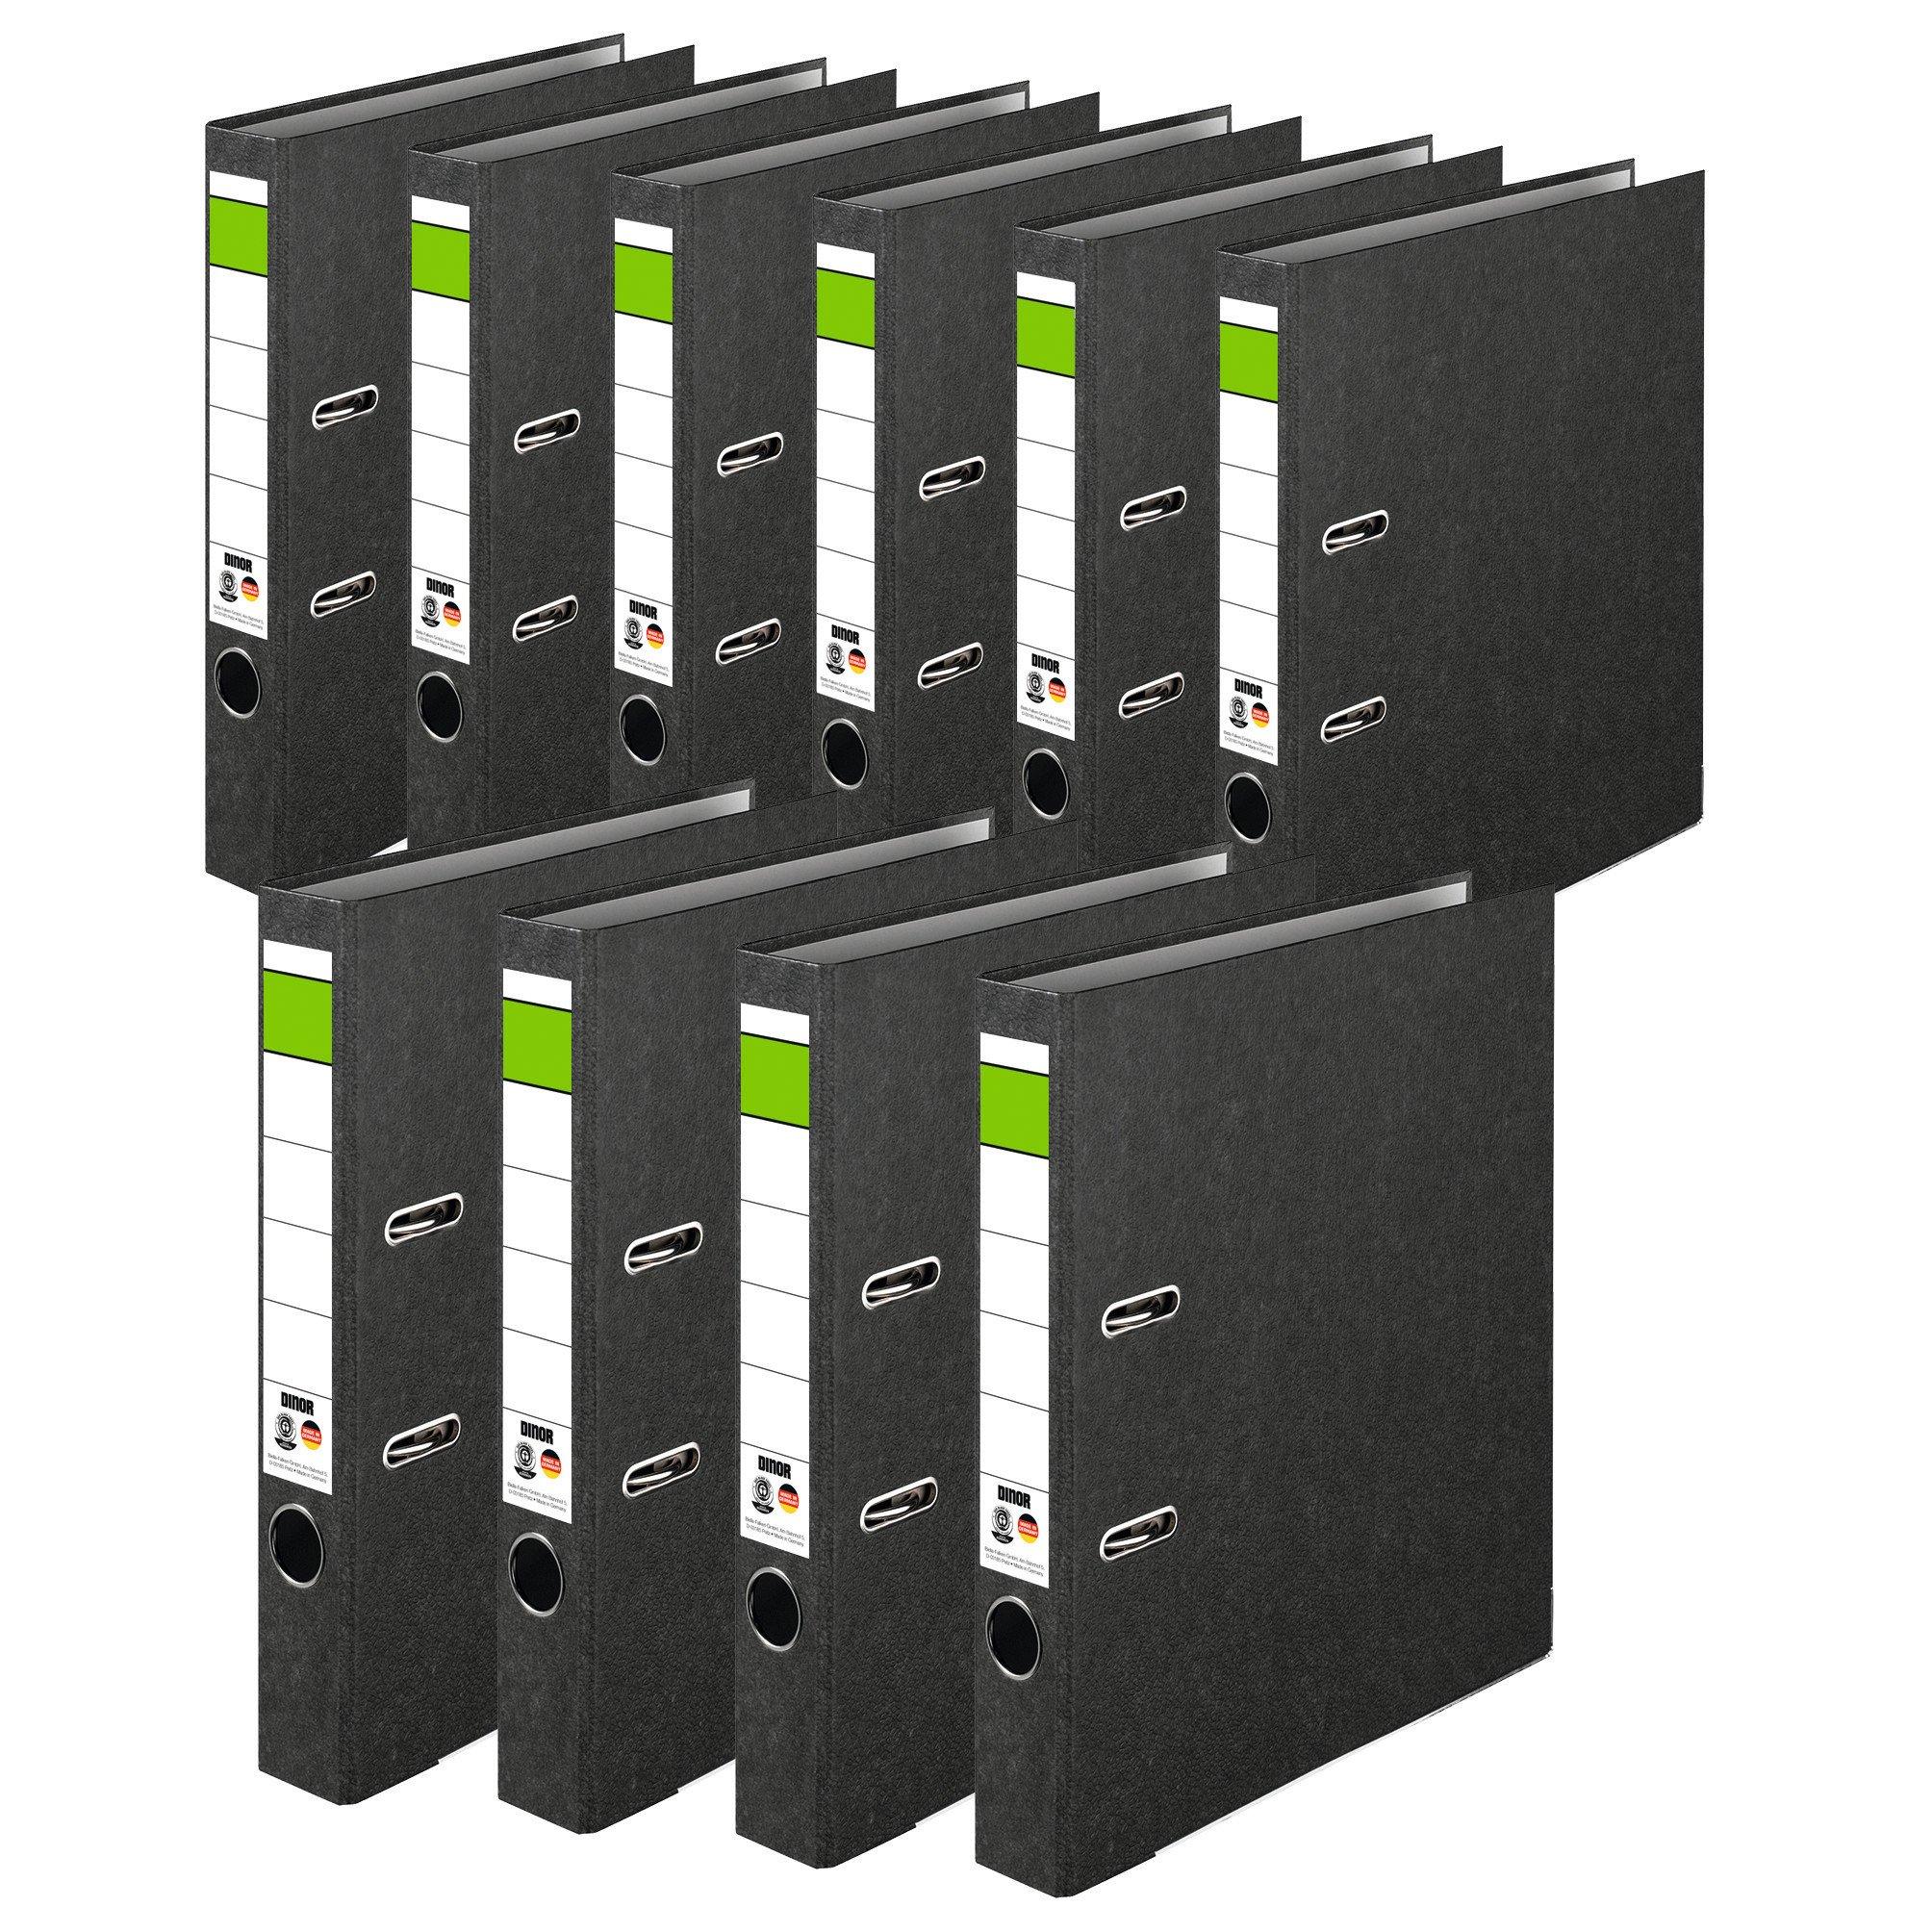 Ordner Recycling Cloudy. 5cm DIN A4Black 10er Pack schmal black